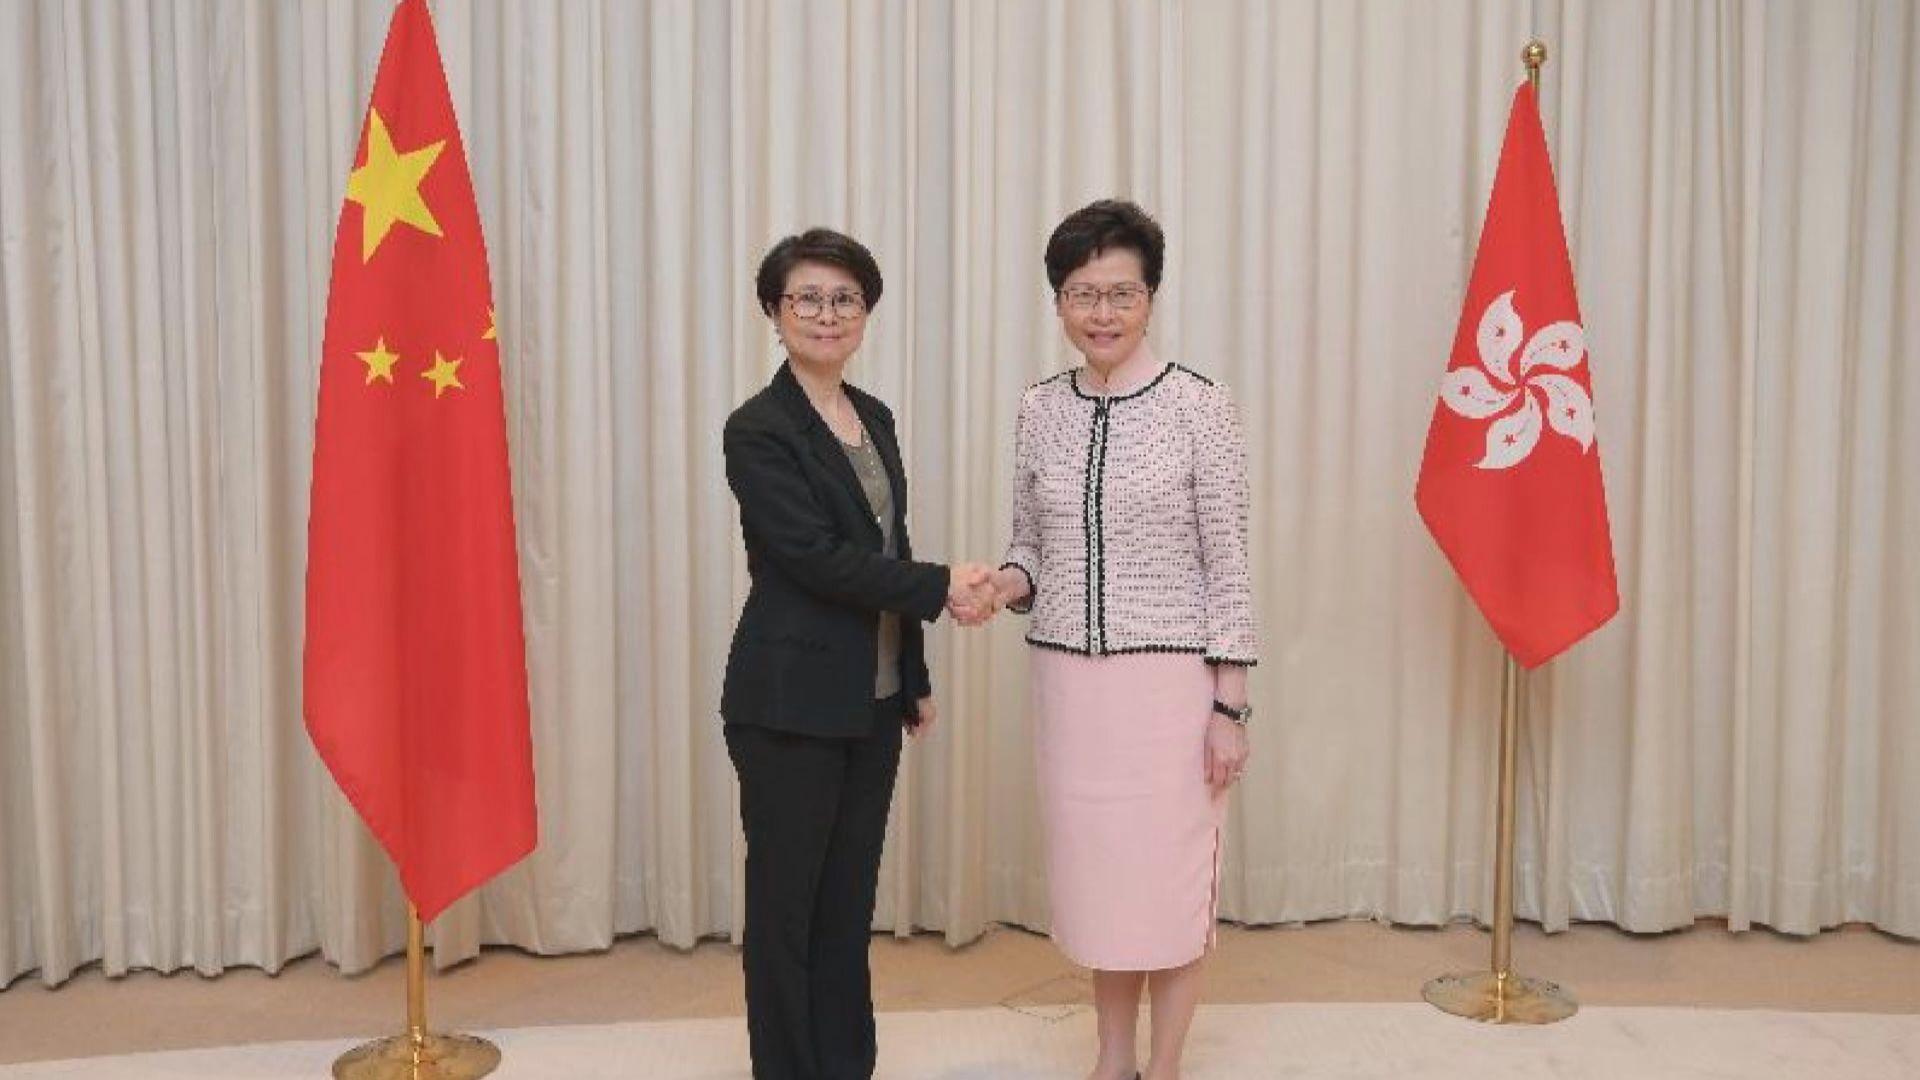 劉賜蕙獲任命為警務處副處長 負責國家安全